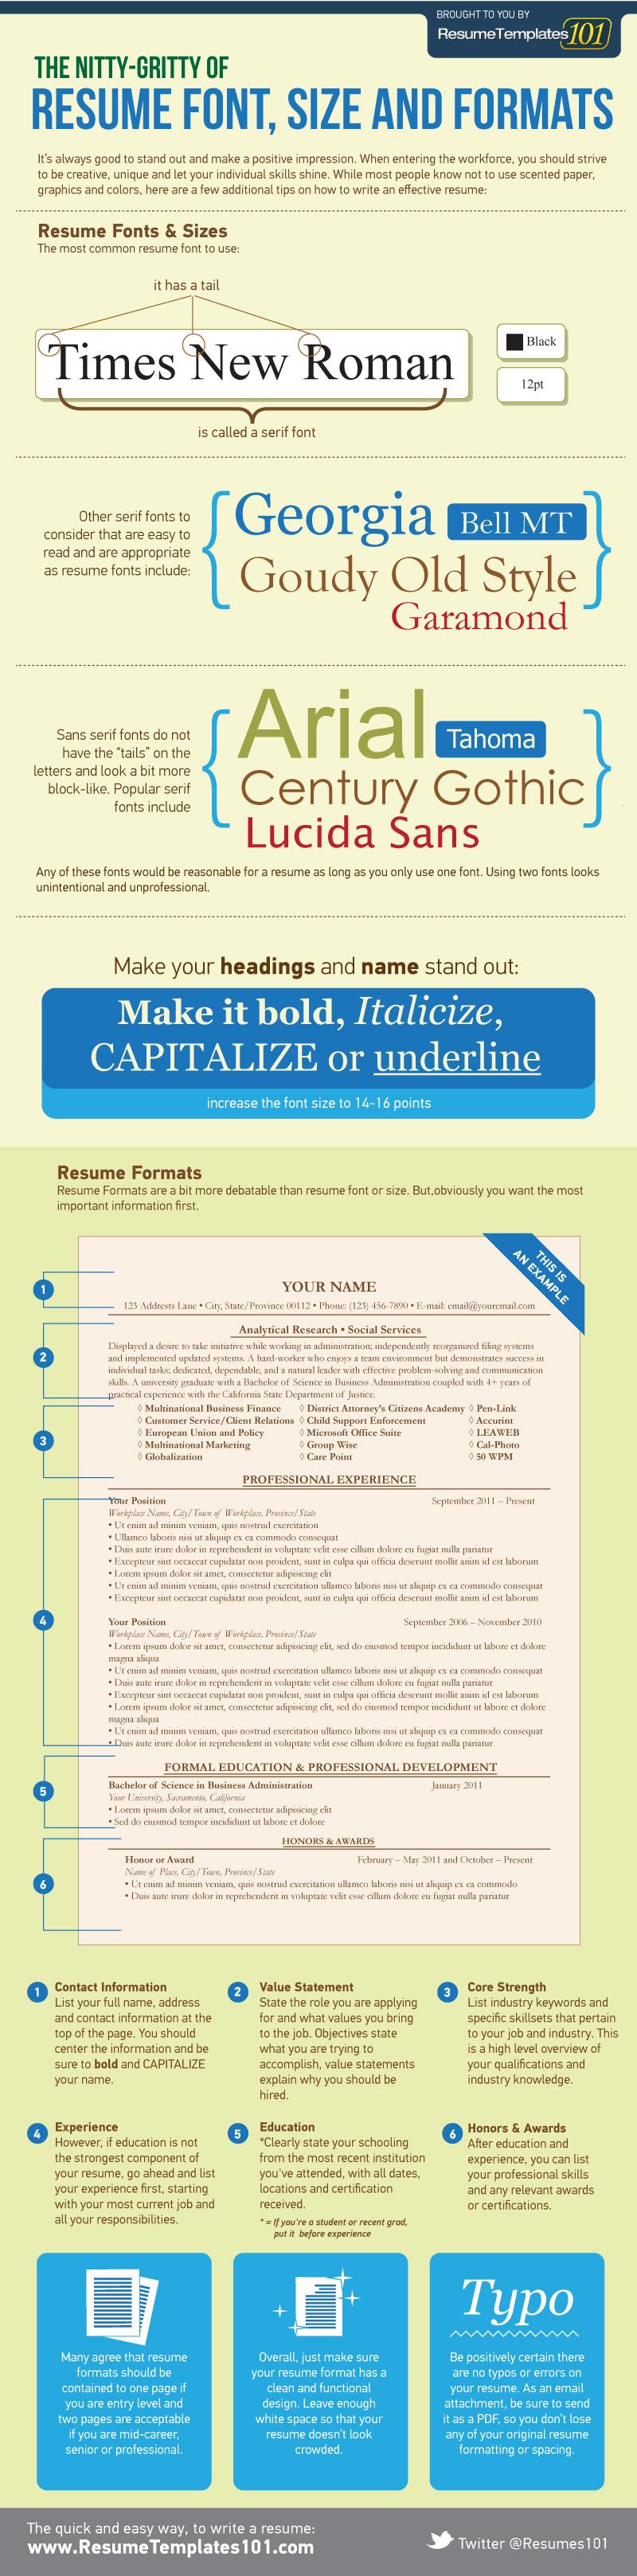 Infográfico mostra quais são as melhores fontes para serem usadas na elaboração de um currículo impresso.